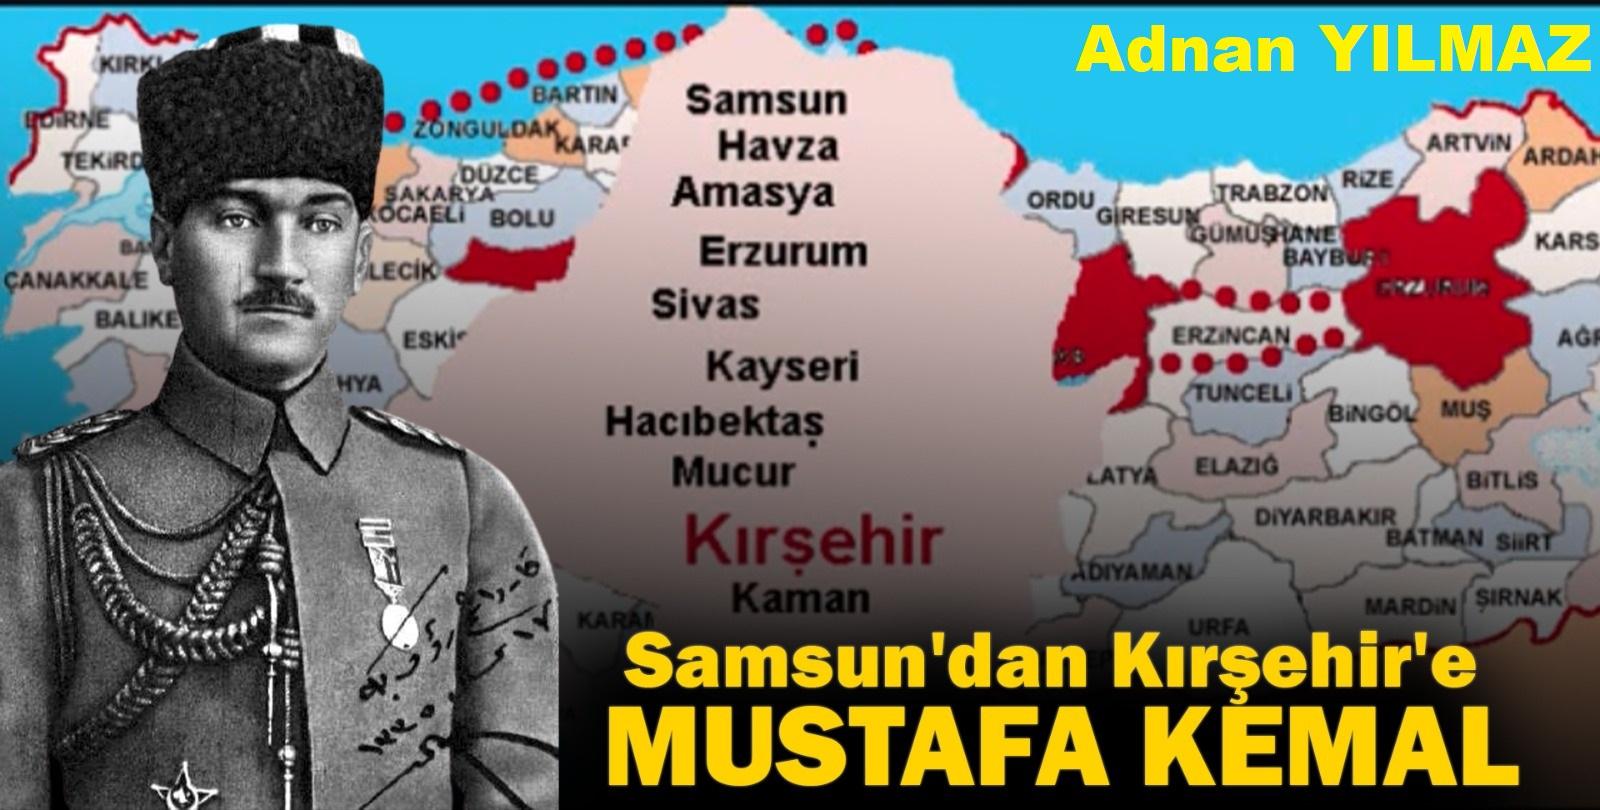 Atatürk Kırşehir'de. BELGESEL